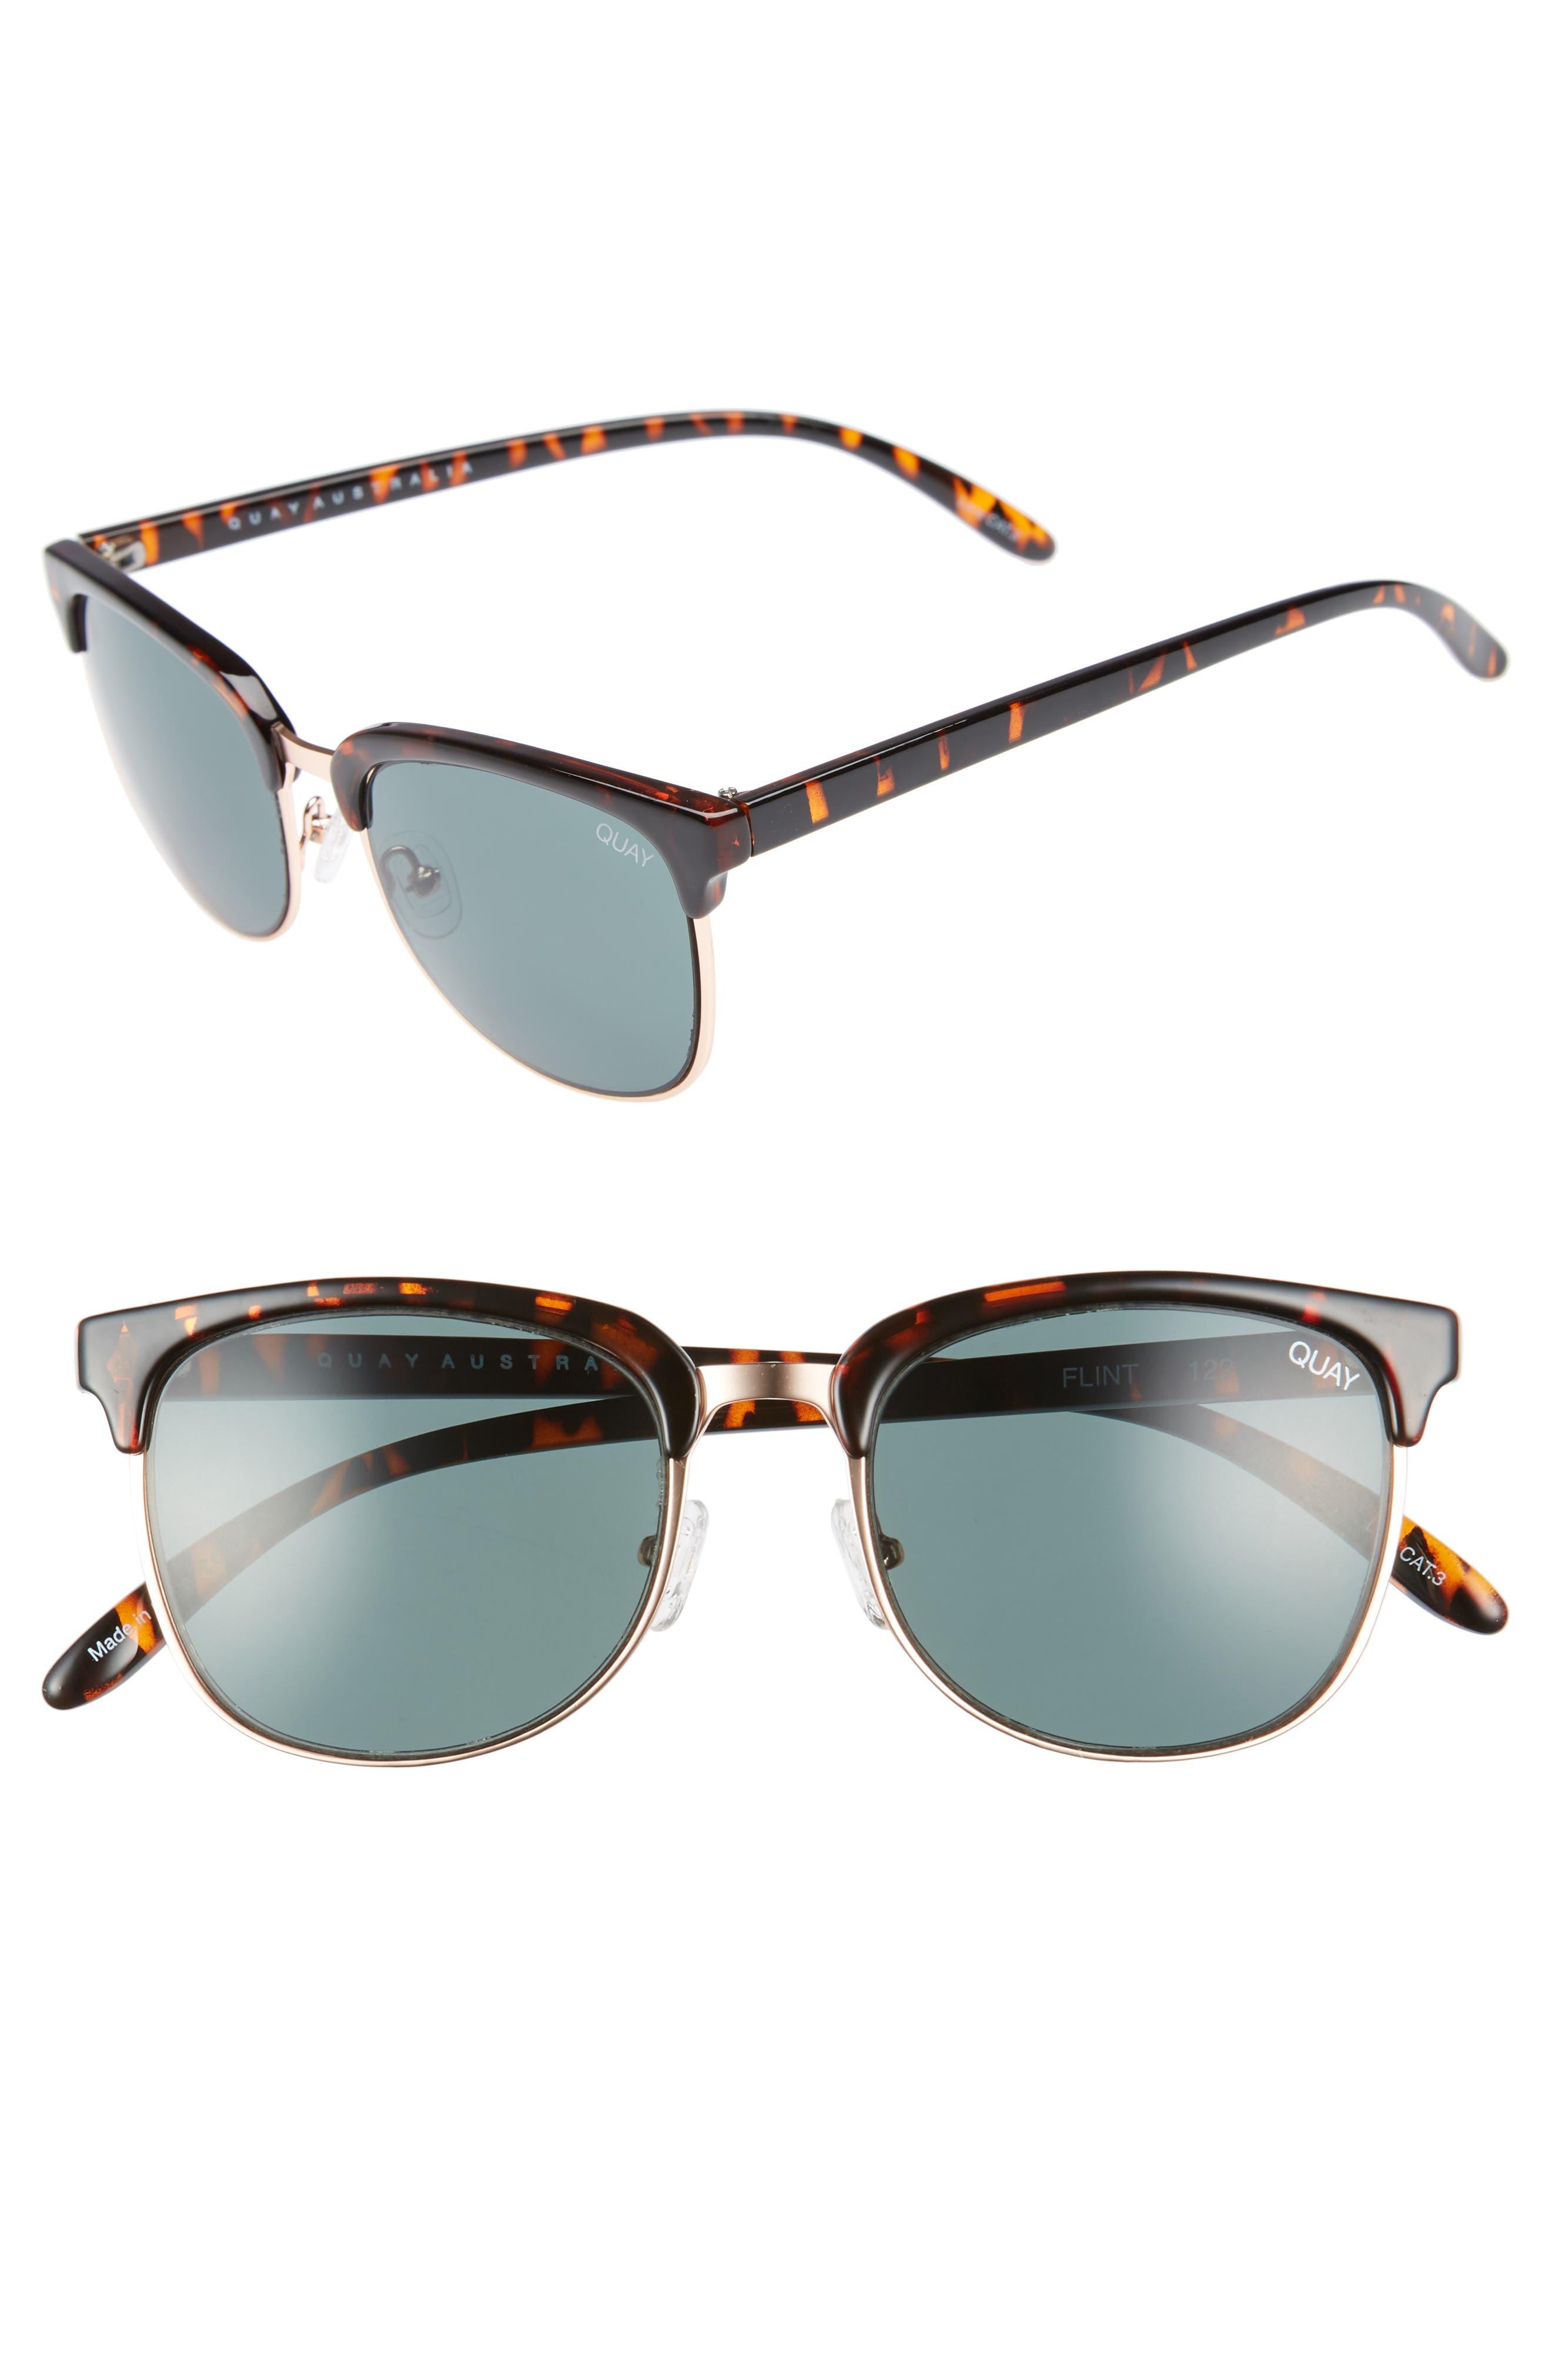 Quay Australia Flint 52mm Sunglasses